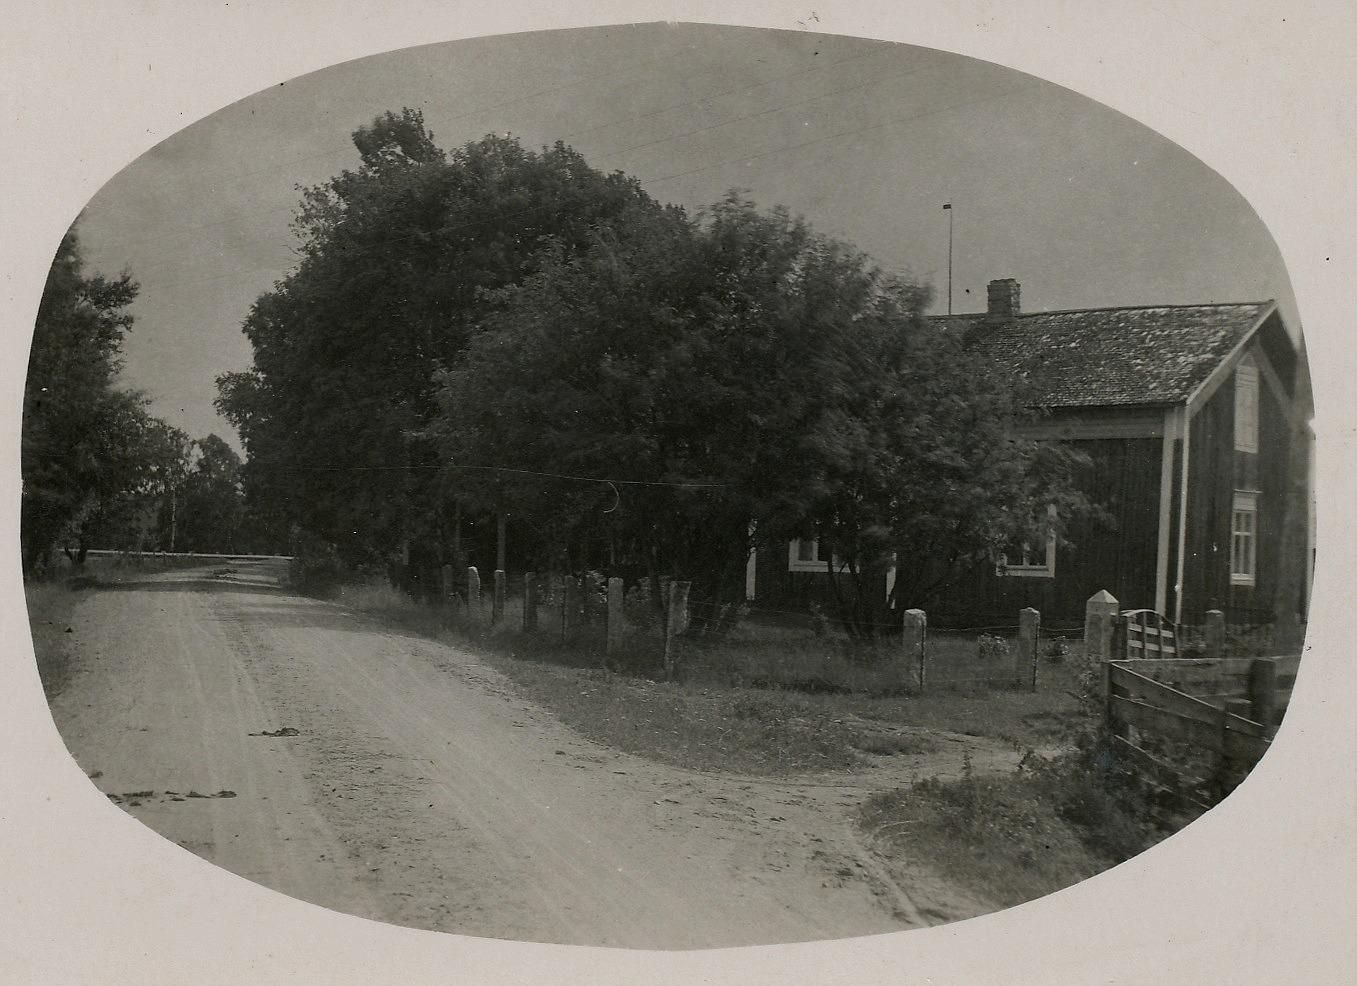 Artur Lövholm som var en duktig fotograf tog detta foto av Andersas gård från sin egen grind, eftersom han bodde på andra sidan vägen. Erland Grönroos som var en duktig stenhuggare har säkert tillverkat stenstolparna själv.